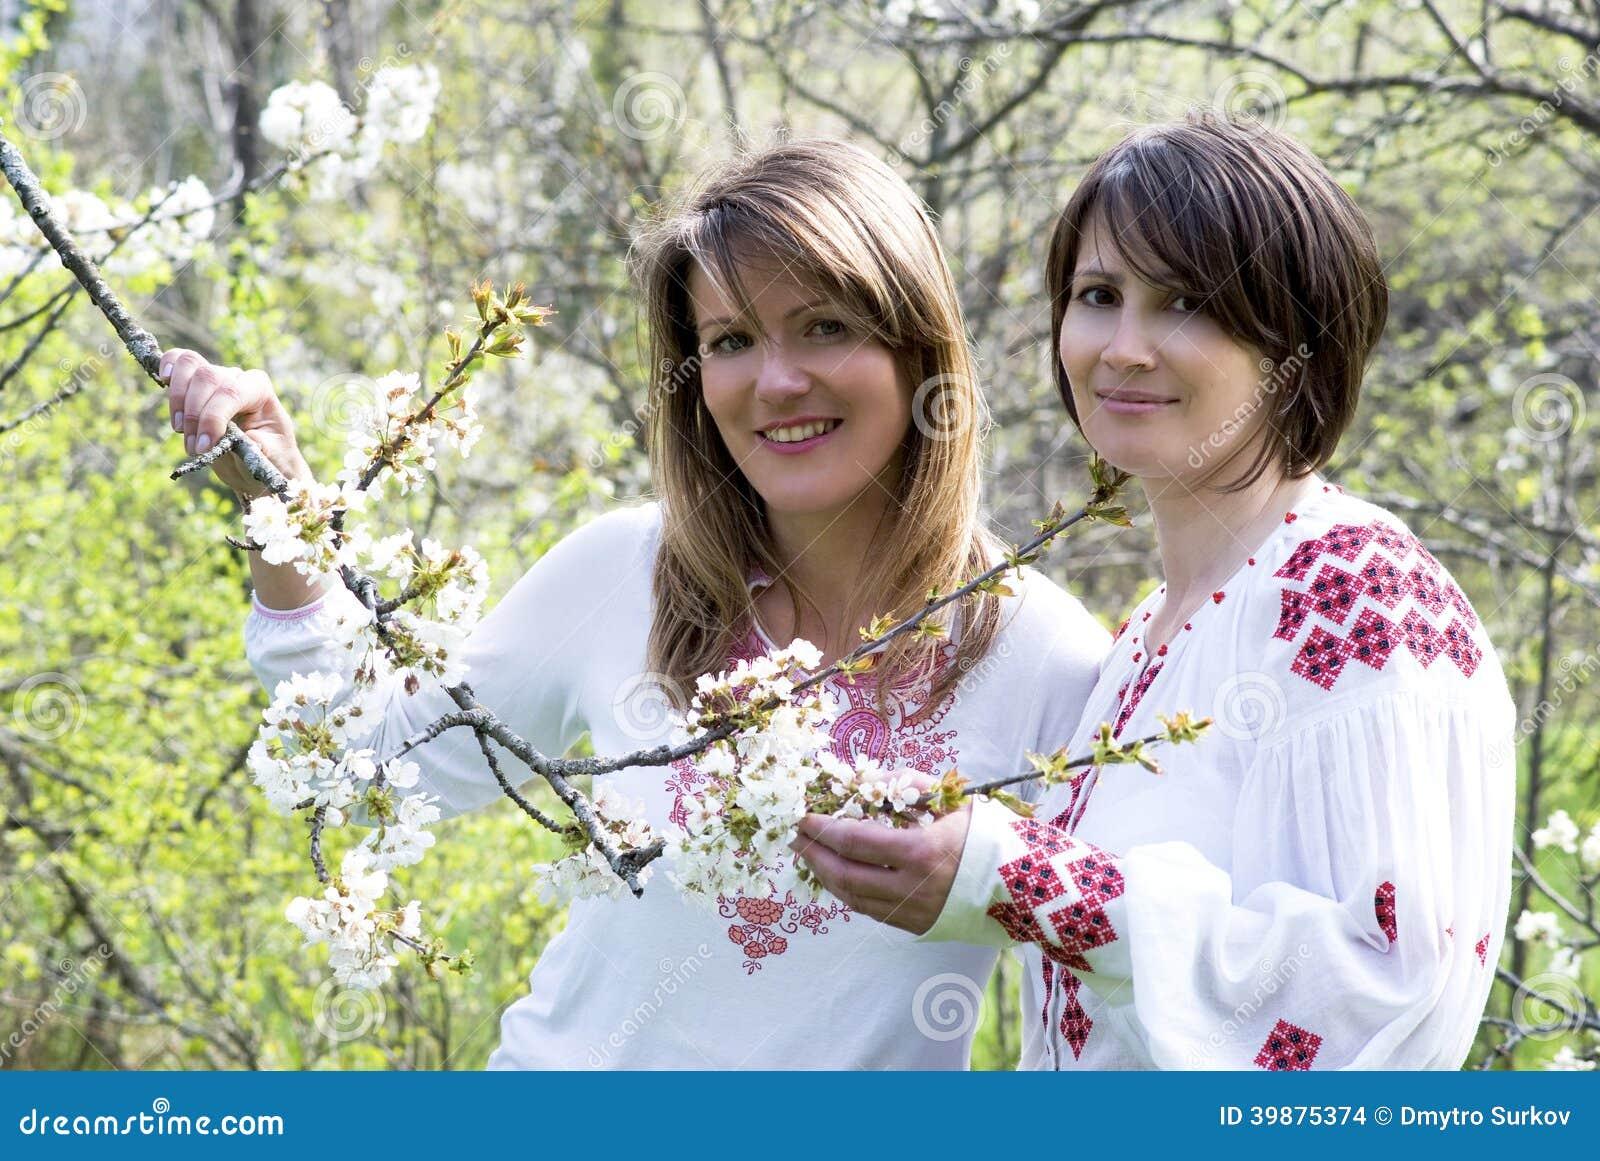 Donne ucraine in vestito tradizionale fotografia stock for Vestito tradizionale giapponese femminile